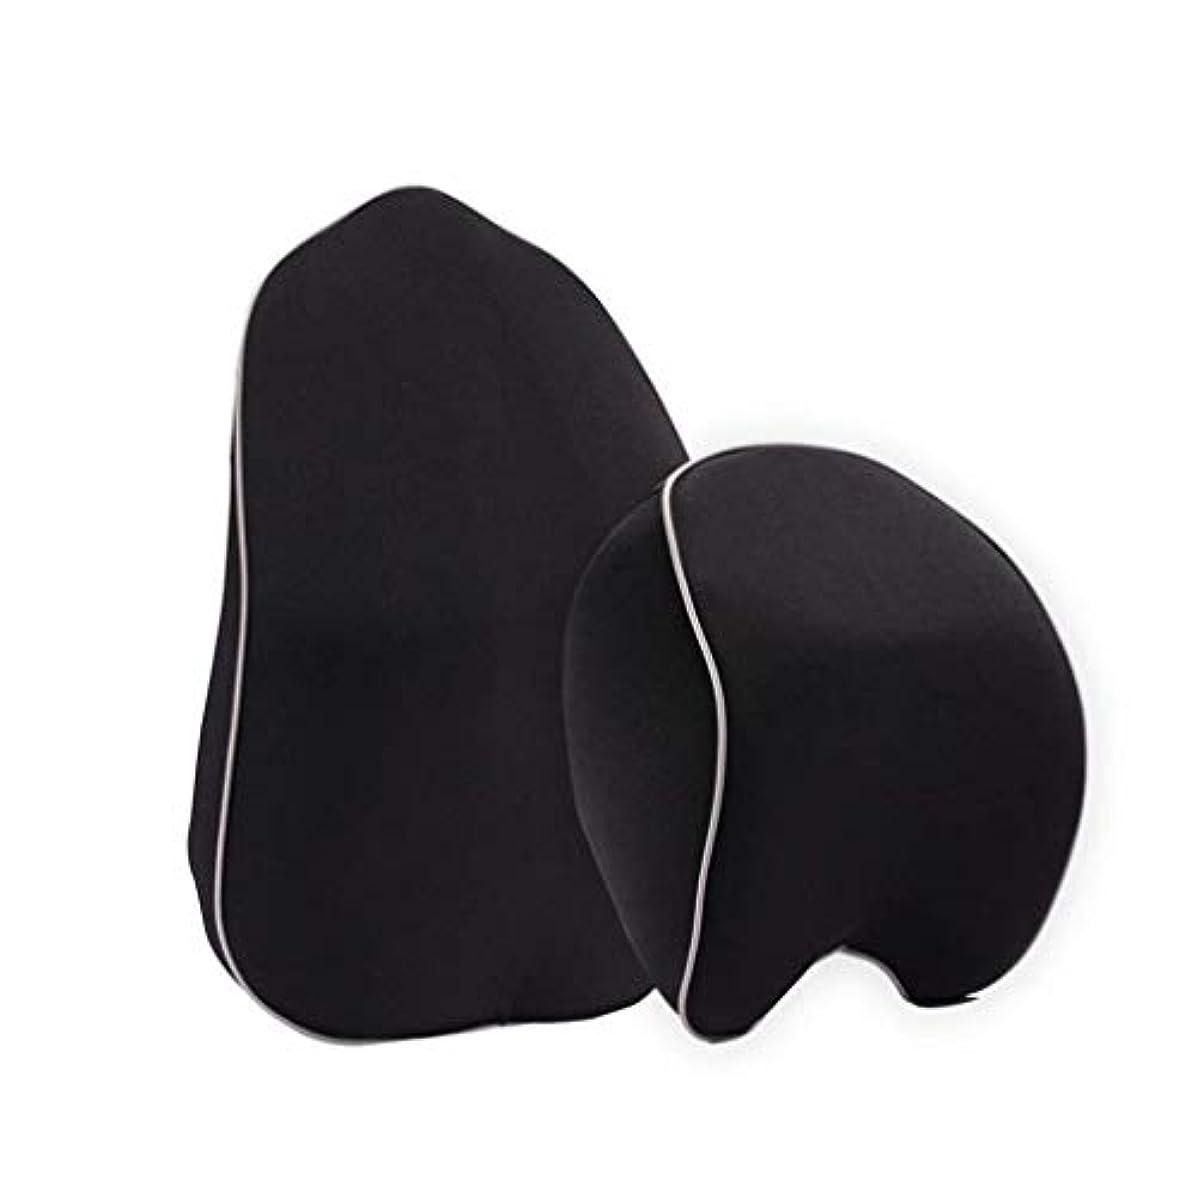 願望純粋な最近腰椎枕と首枕 - 思い出のコットン首腰椎パッド、車内、腰と首の疲れと痛みを軽減し、長距離運転のオフィスに最適 (Color : 黒)